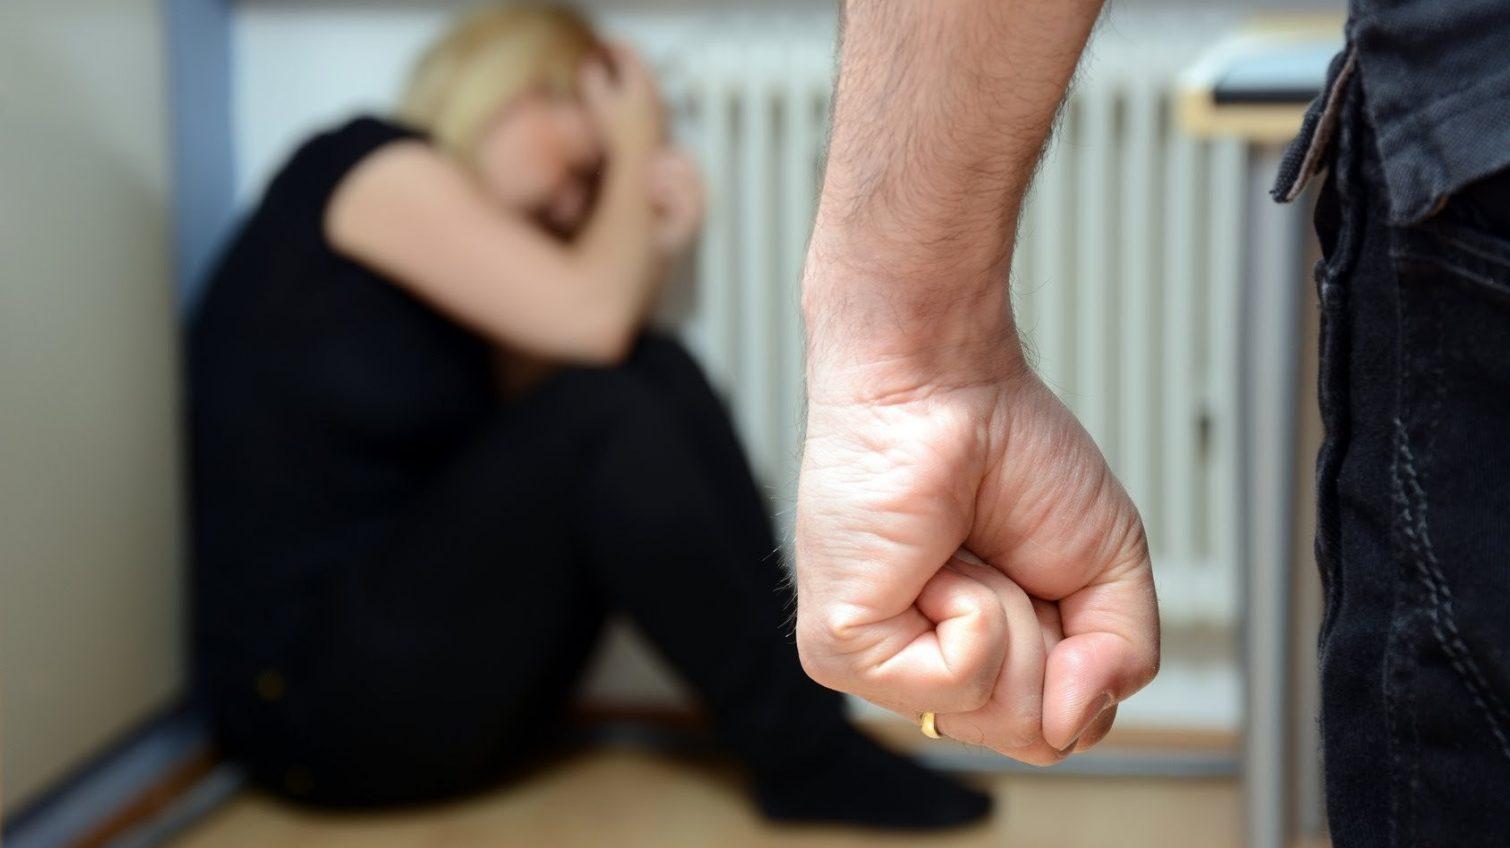 Ругался и толкался: в Одесской области задержали обидчика матери «фото»